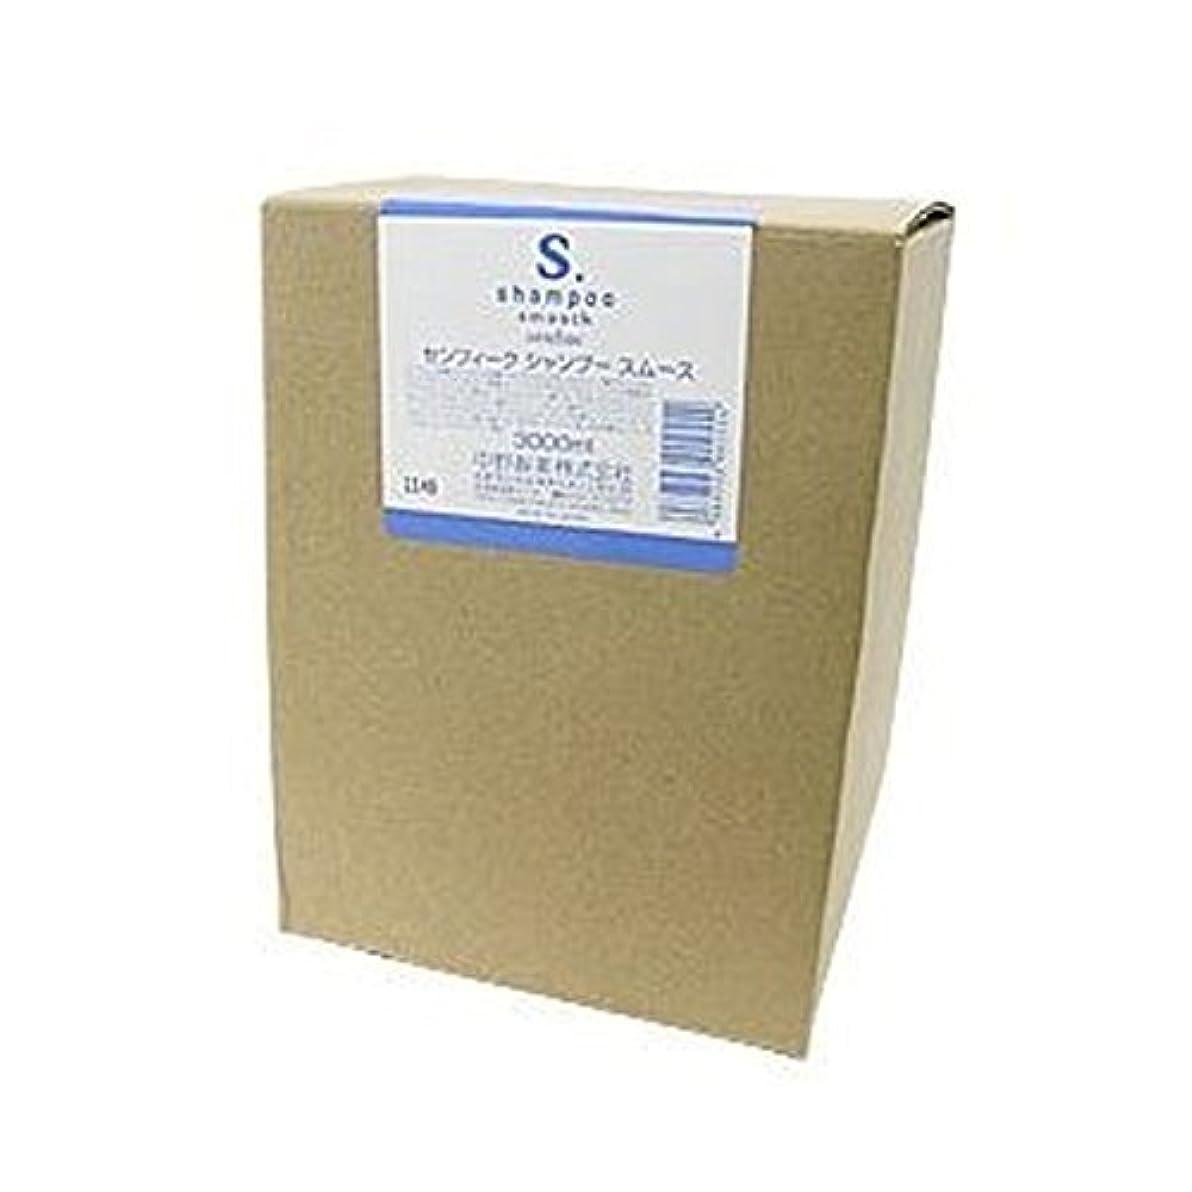 批評出力チャネル中野製薬 センフィーク シャンプー スムース 10L